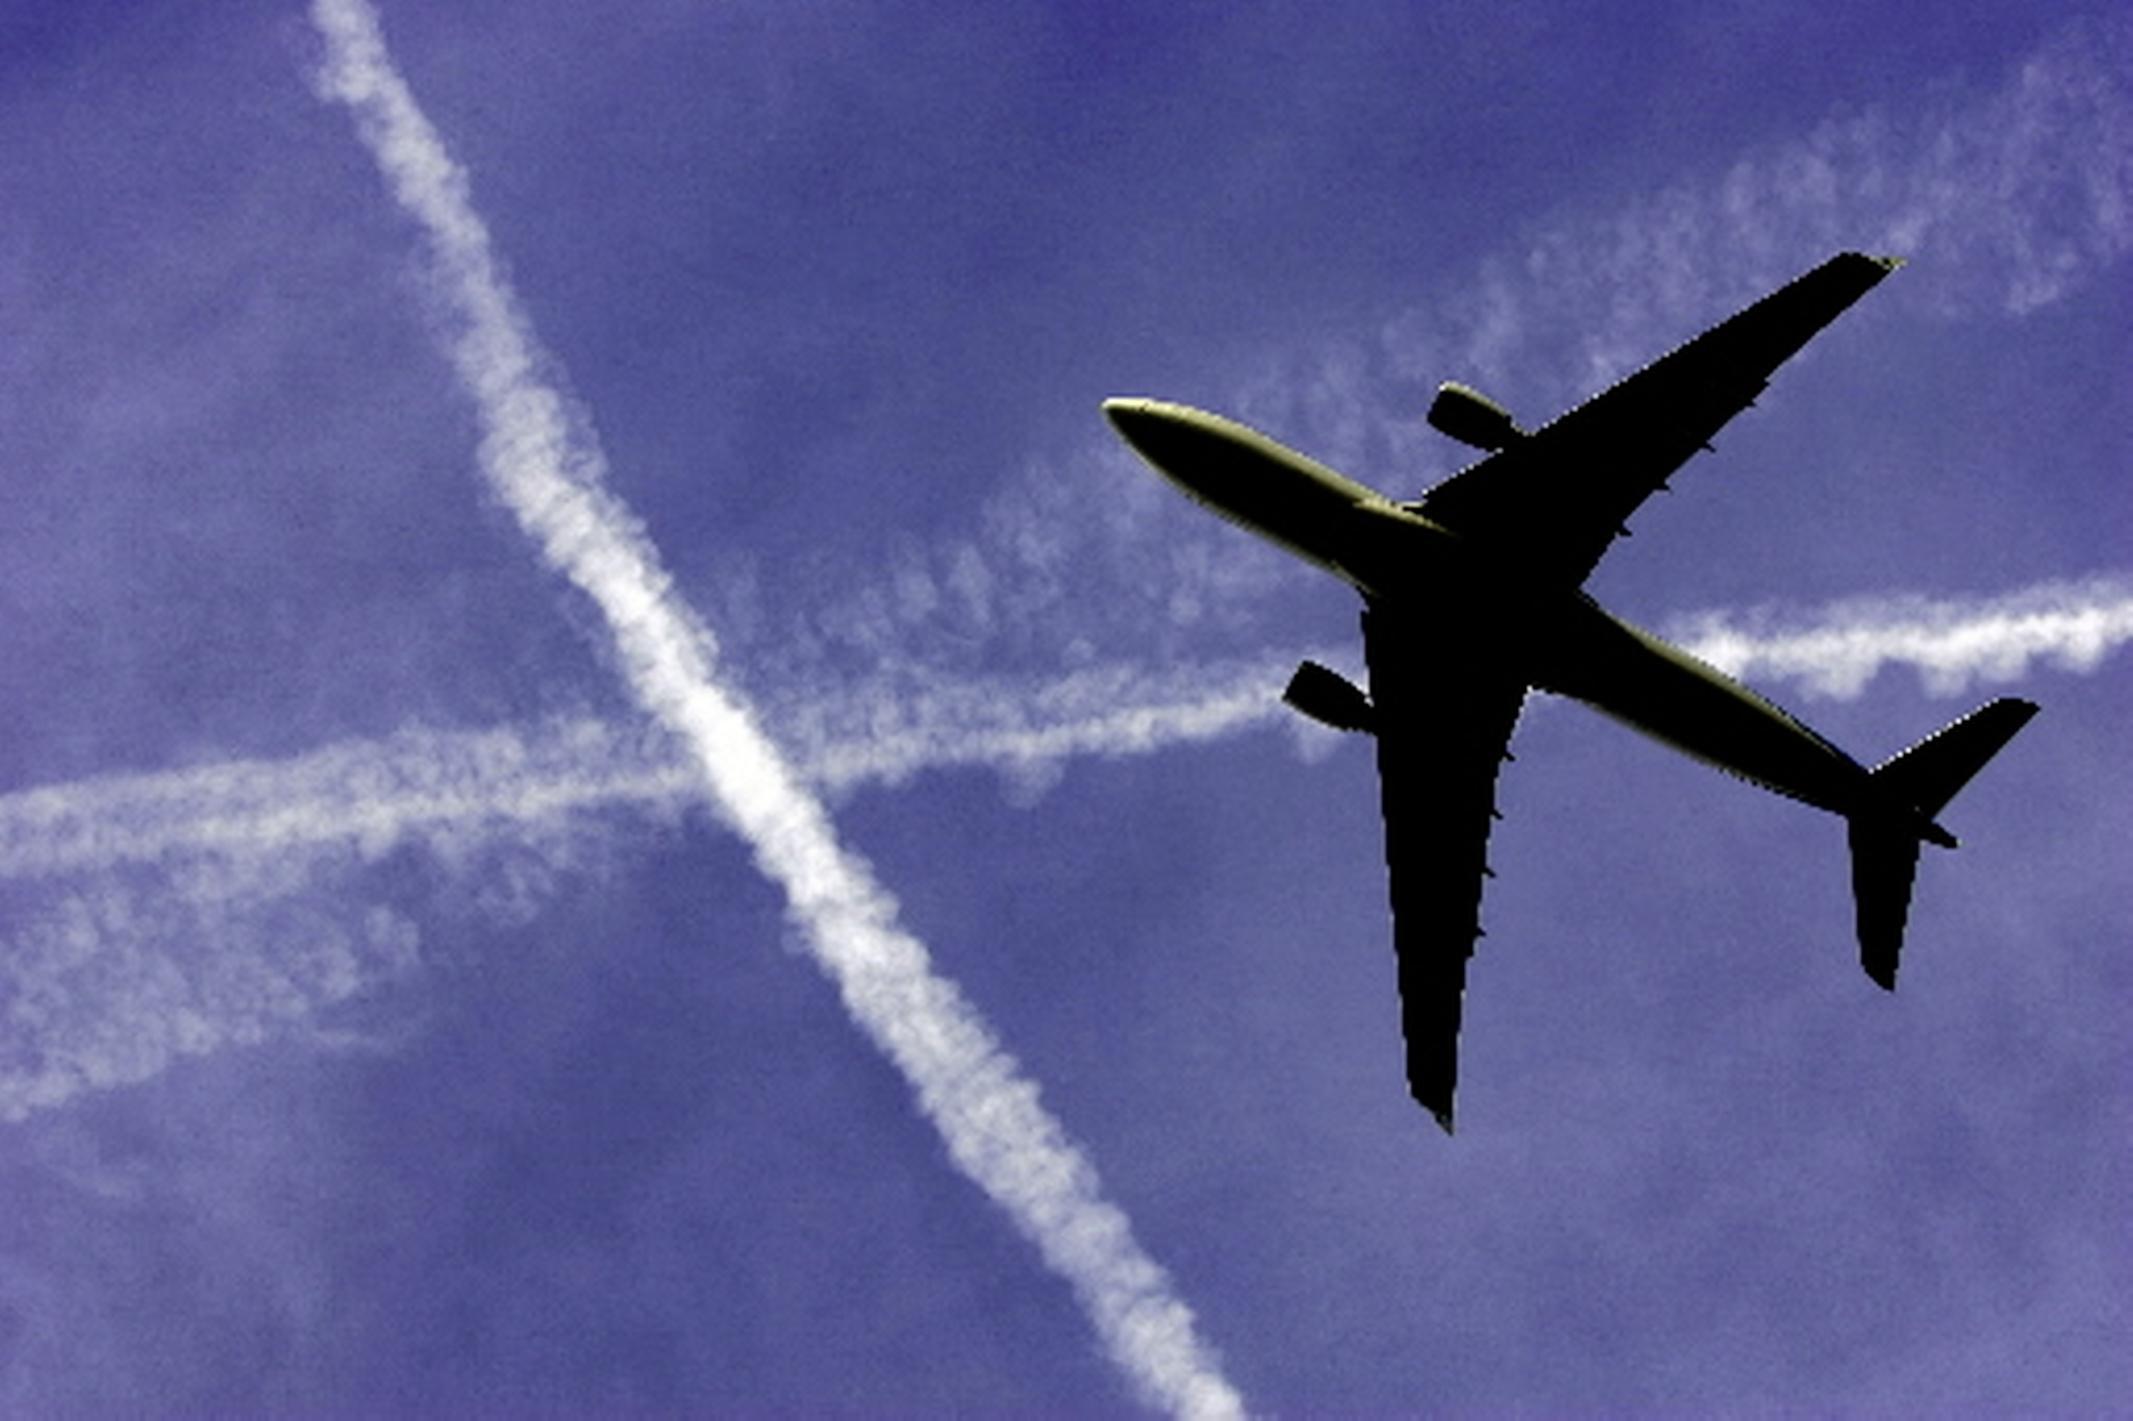 'Katwijk moet alsnog meetpunten plaatsen voor geluidsoverlast door vliegtuigen Schiphol'